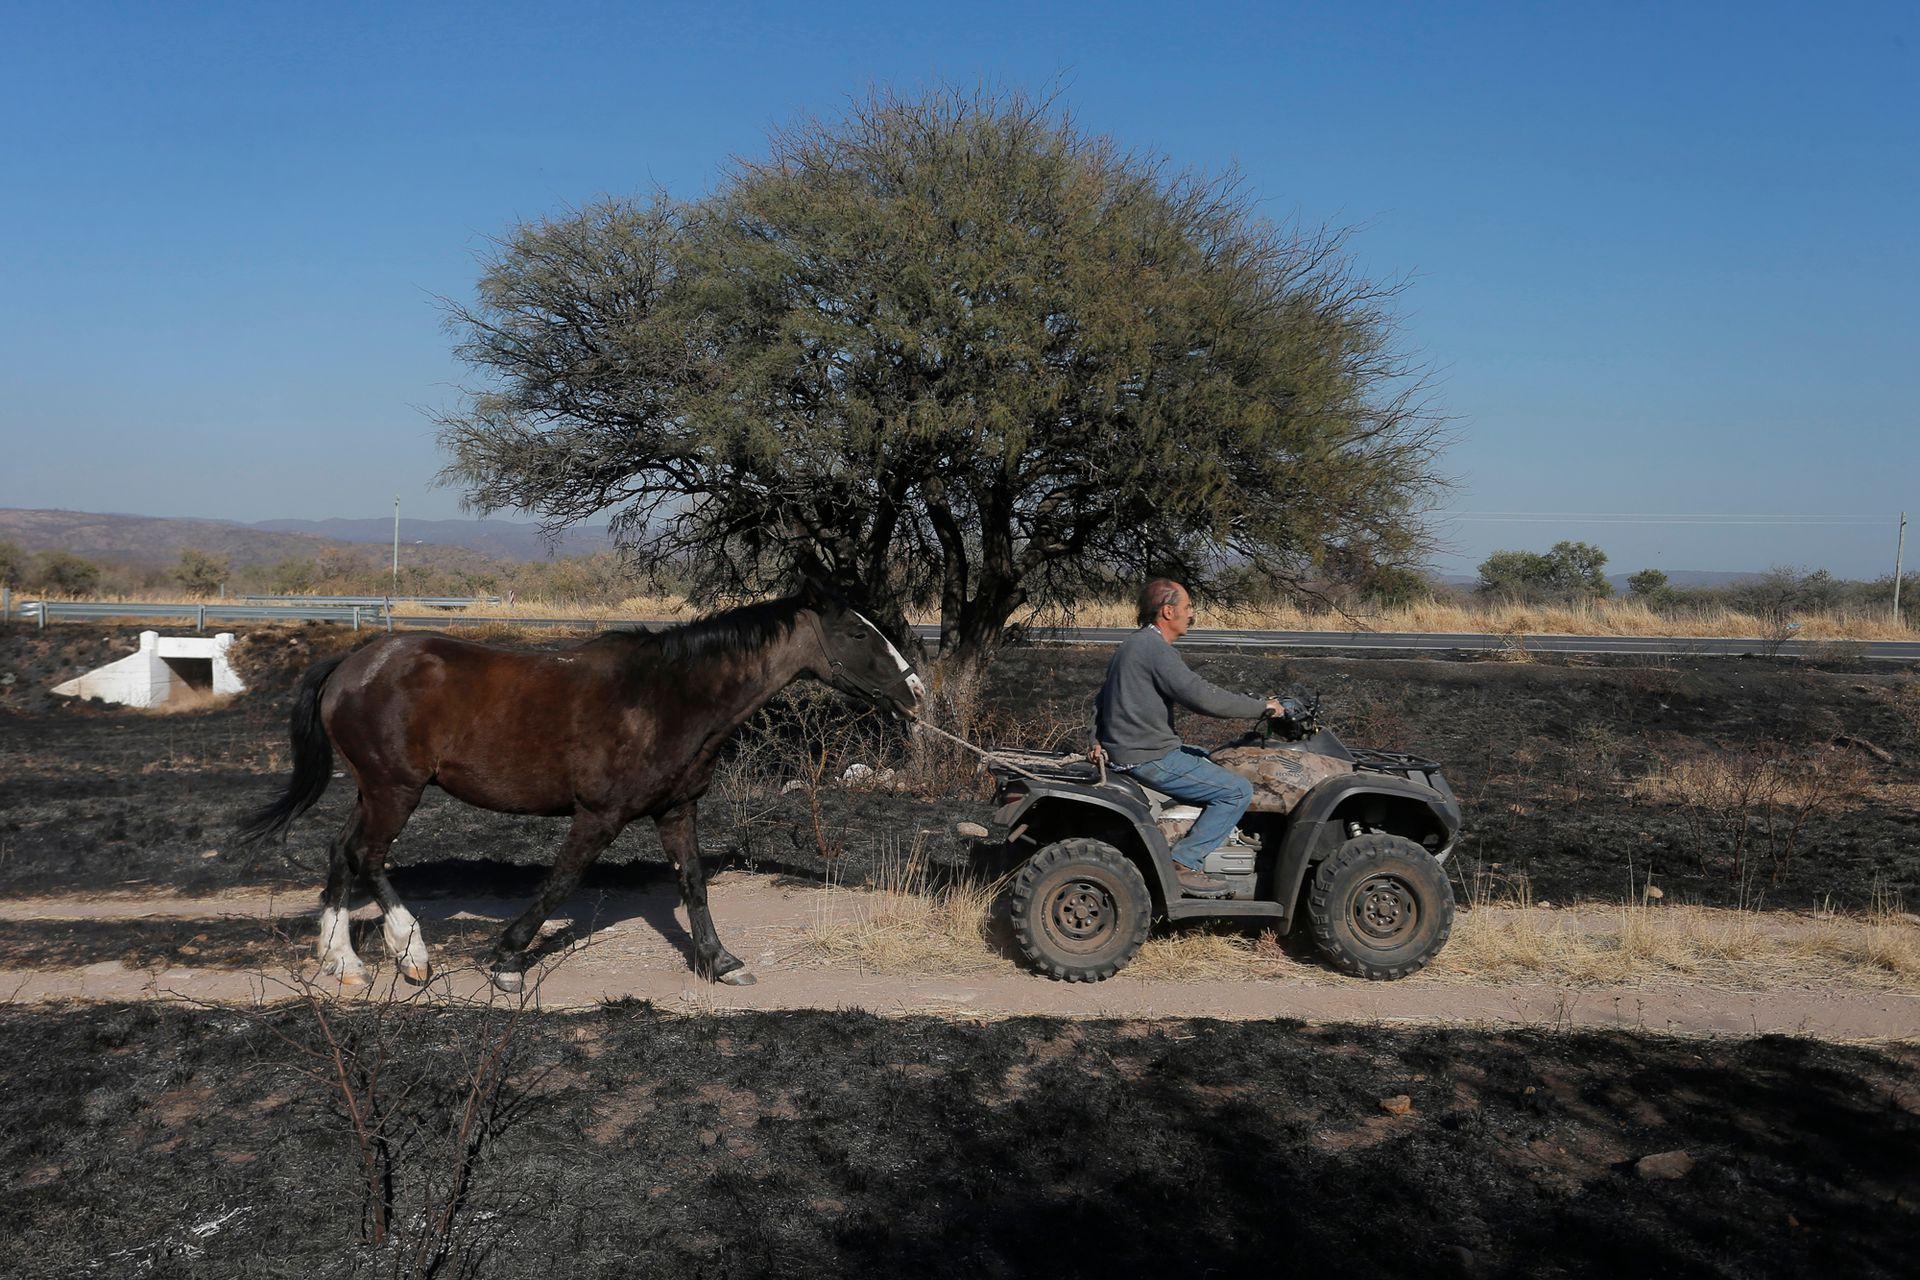 Los habitantes de la zona trasladan a sus animales para evitar que sean alcanzados por el fuego, la fauna de la zona se vio muy afectada por el incendio